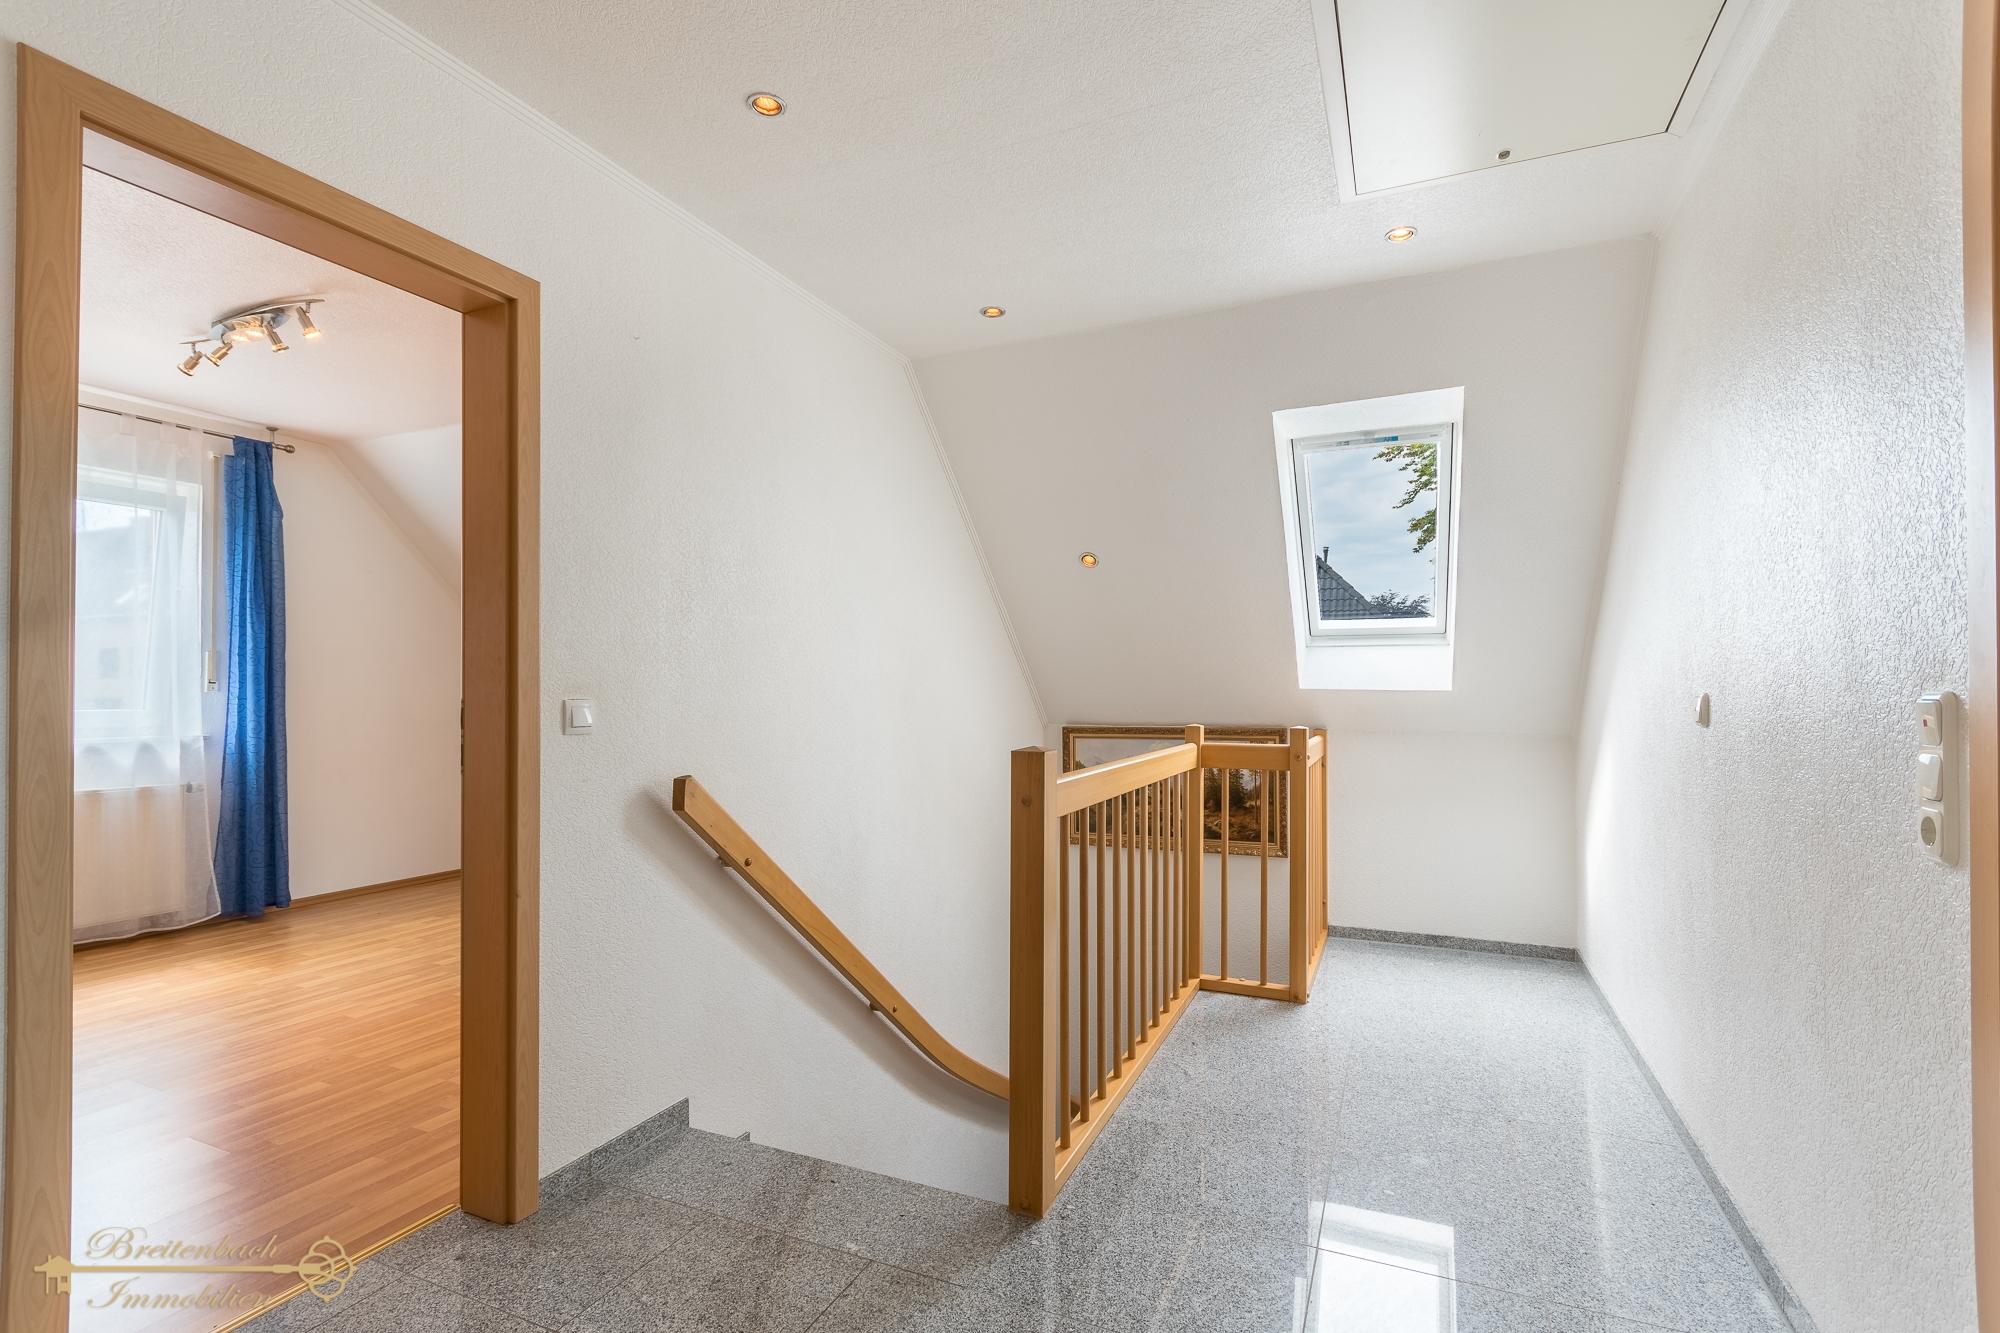 2020-08-01-Breitenbach-Immobilien-19